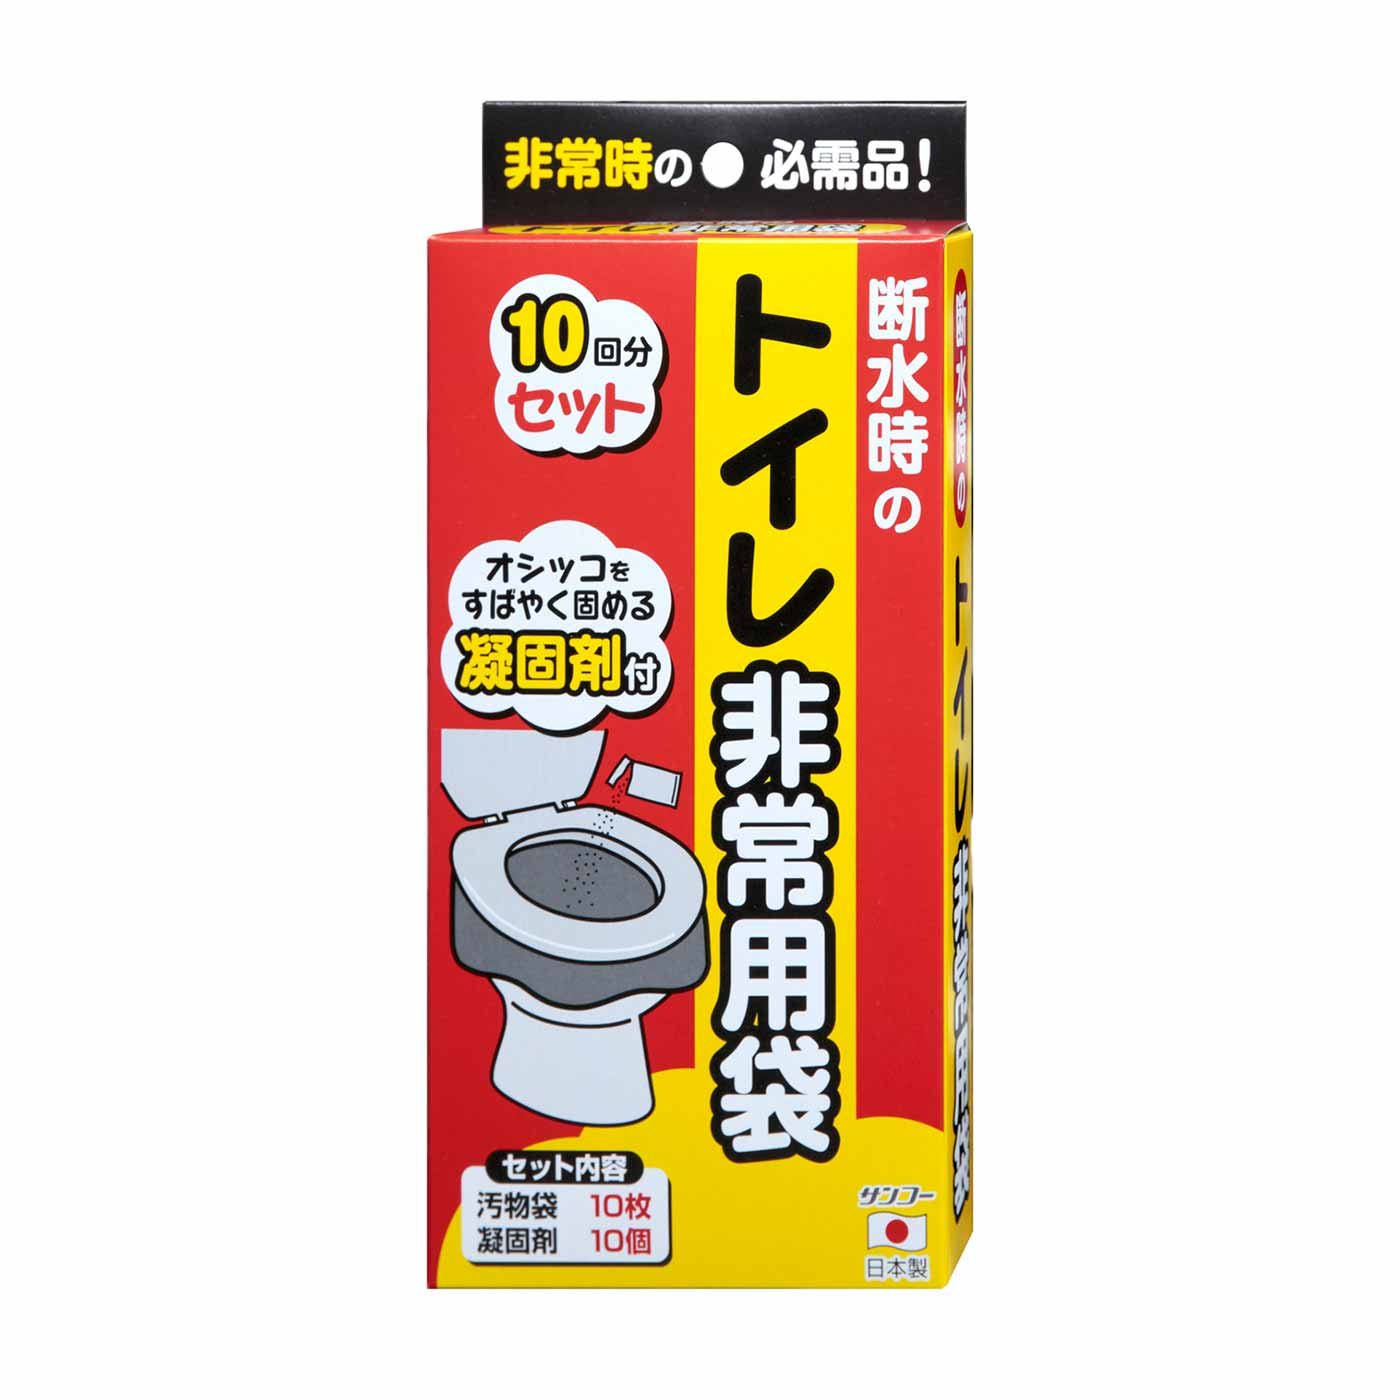 断水時にも役立つ トイレ非常用袋 10回分